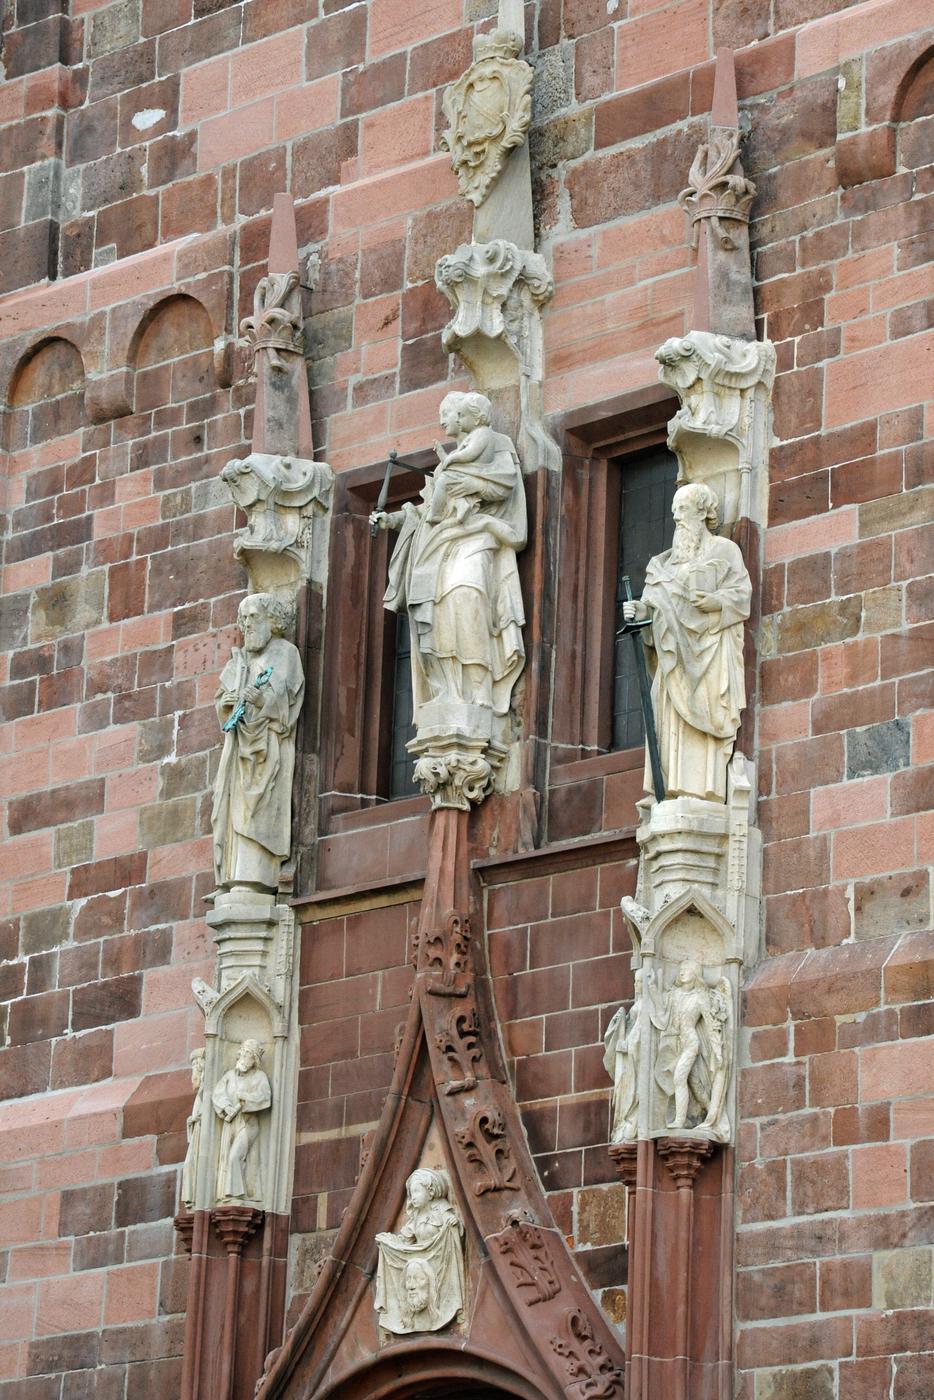 Die acht Figuren über dem Hauptportal der Stiftskirche sind in der Spendenaktion bereits vergeben. Es gibt aber noch genug andere Möglichkeiten, ein Scherflein beizutragen.